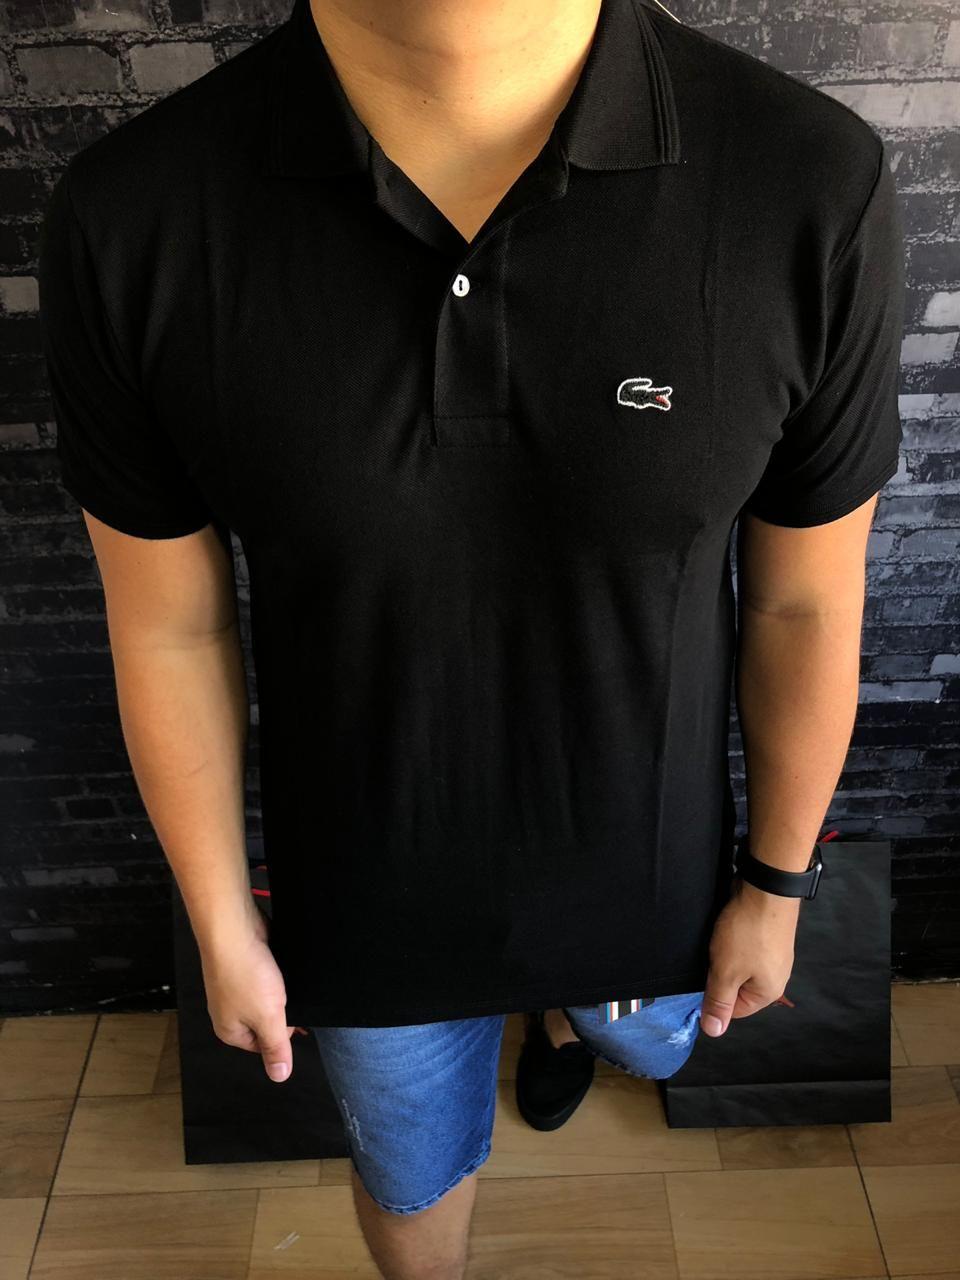 49b1ad16cf Kit 6 Camisas Masculinas promoção Atacado Revenda oferta Camisas masculinas  em atacado são buscadas por dezenas